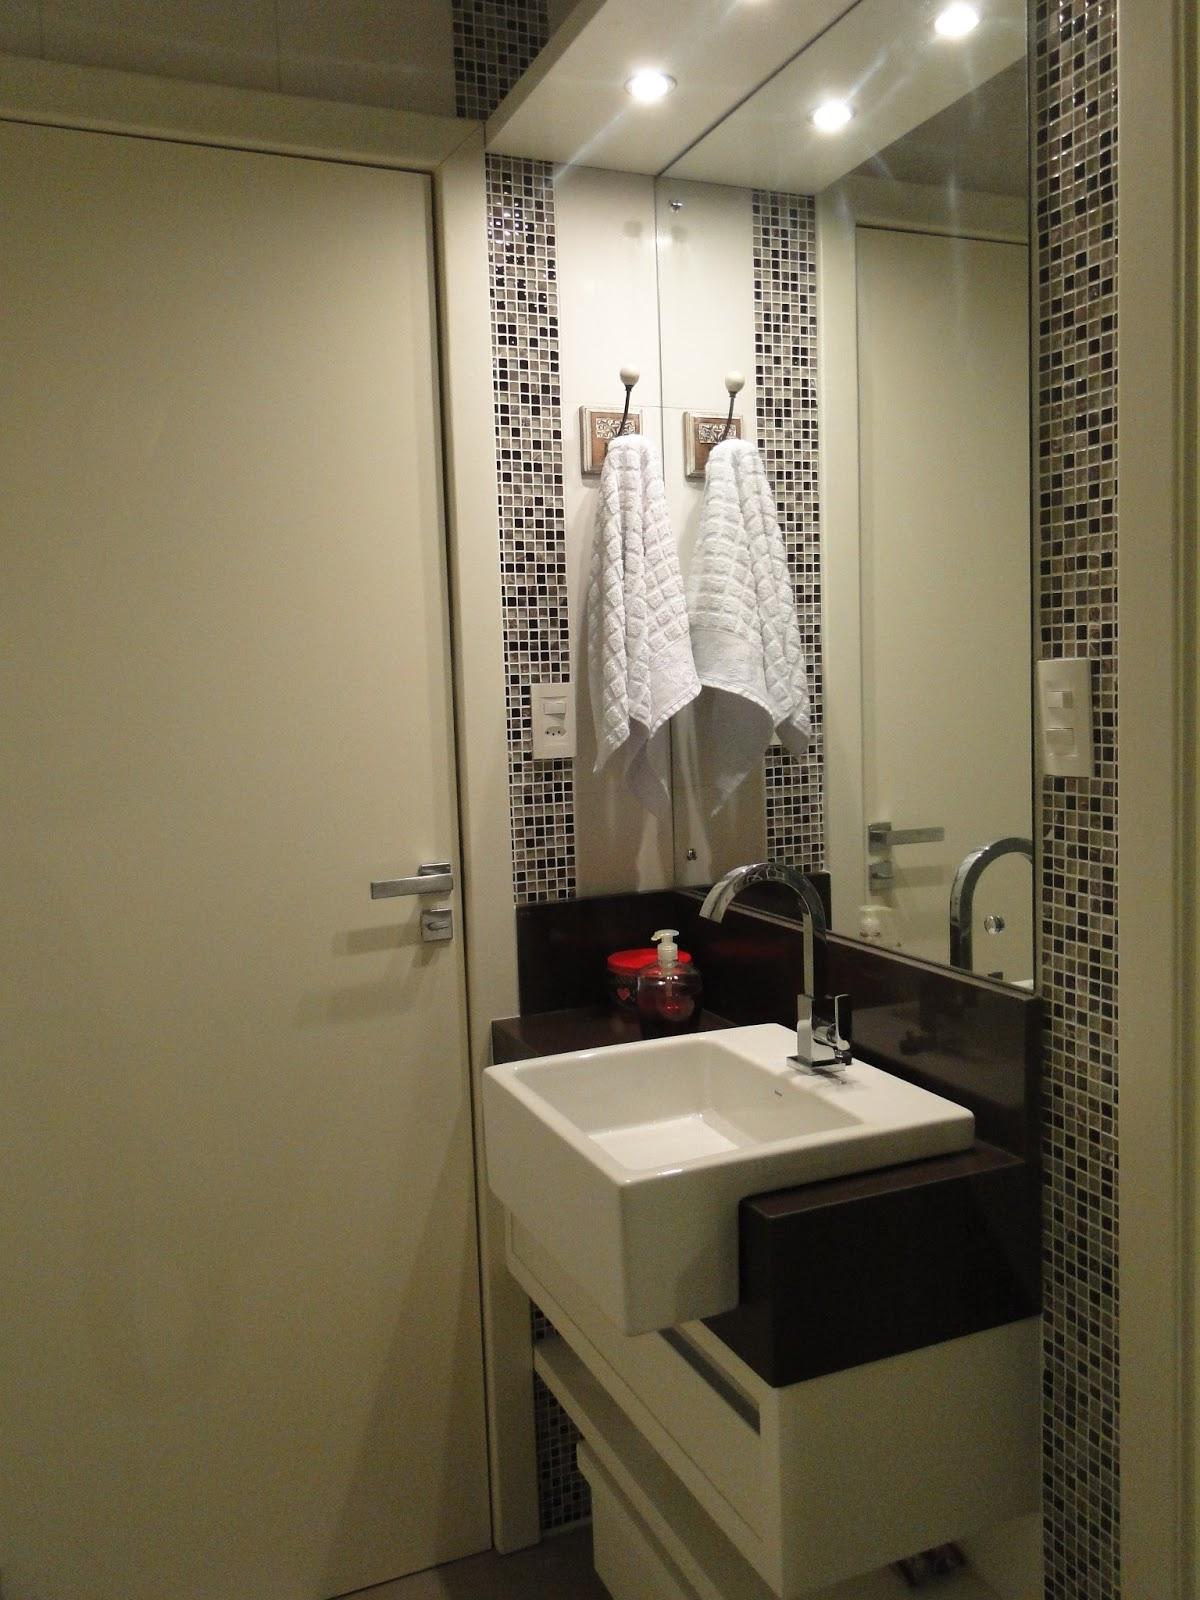 embase arquitetura para projetos de vida: Clínica de fisioterapia  #B71418 1200x1600 Banheiro Com Pastilhas Marron